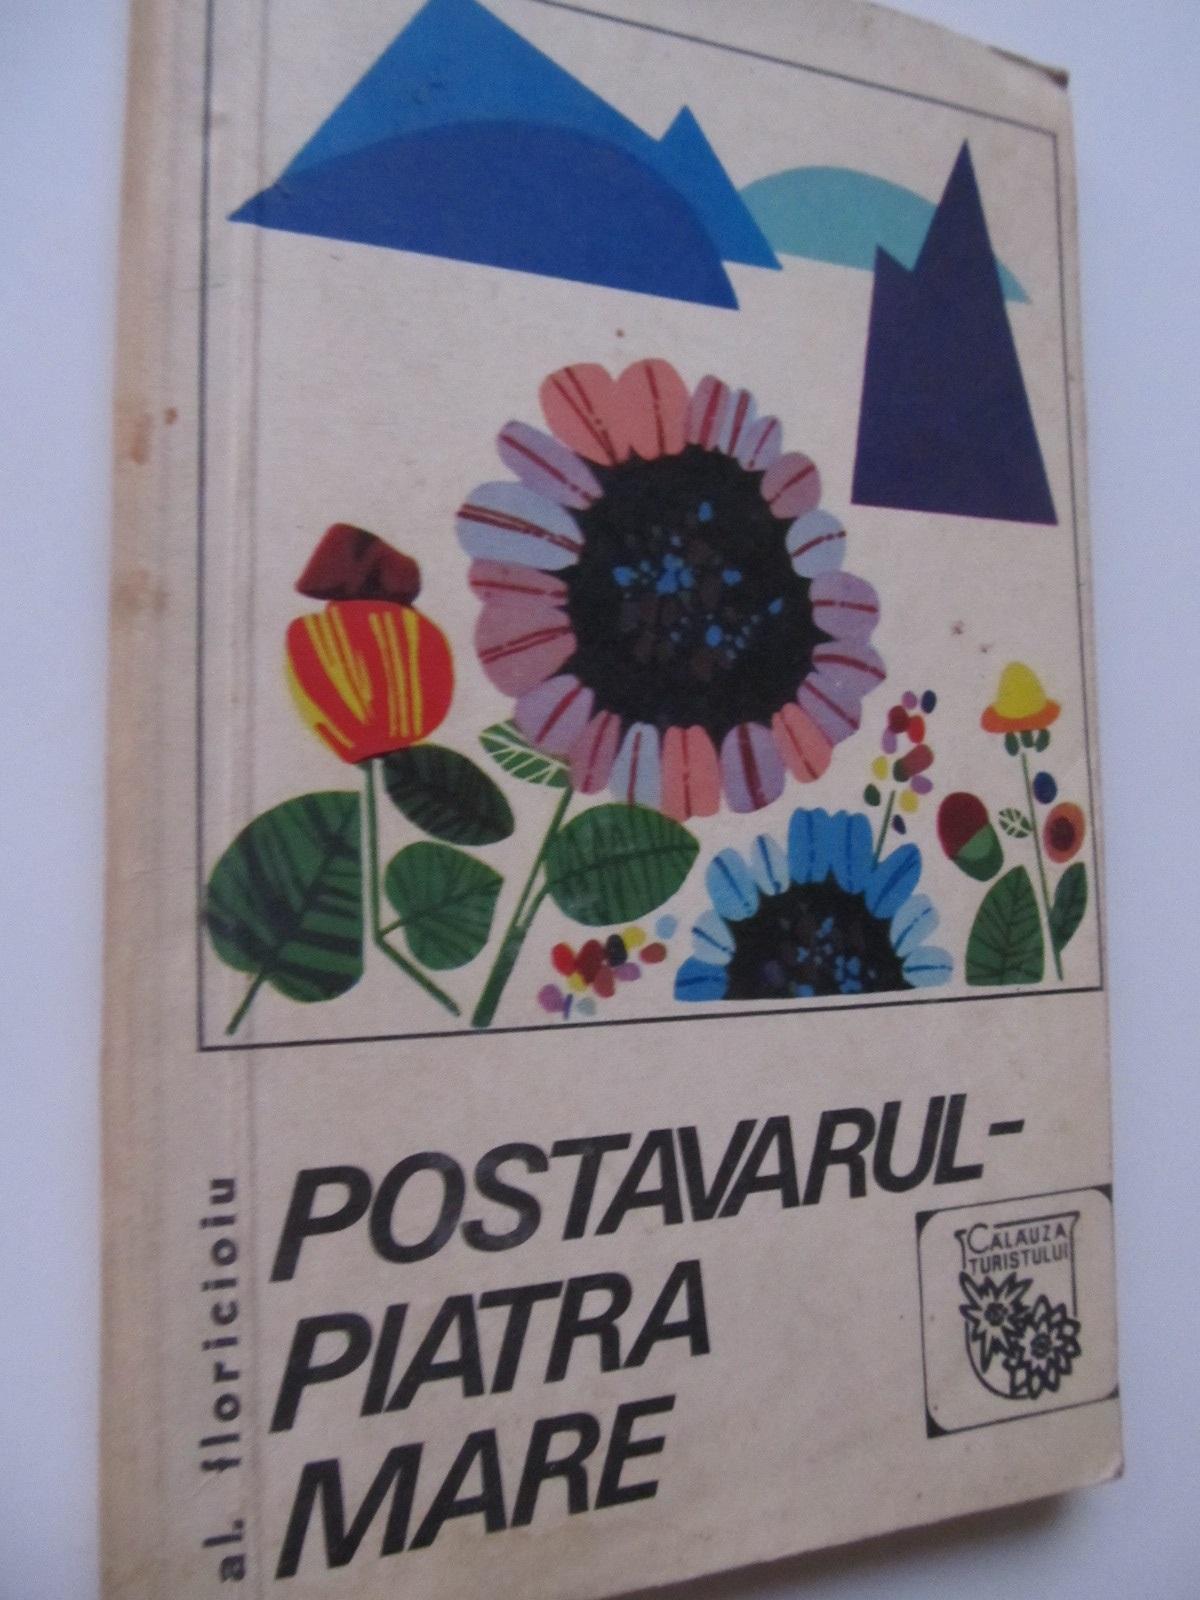 Postavarul - Piatra mare (cu harta) - Al. Floricioiu | Detalii carte